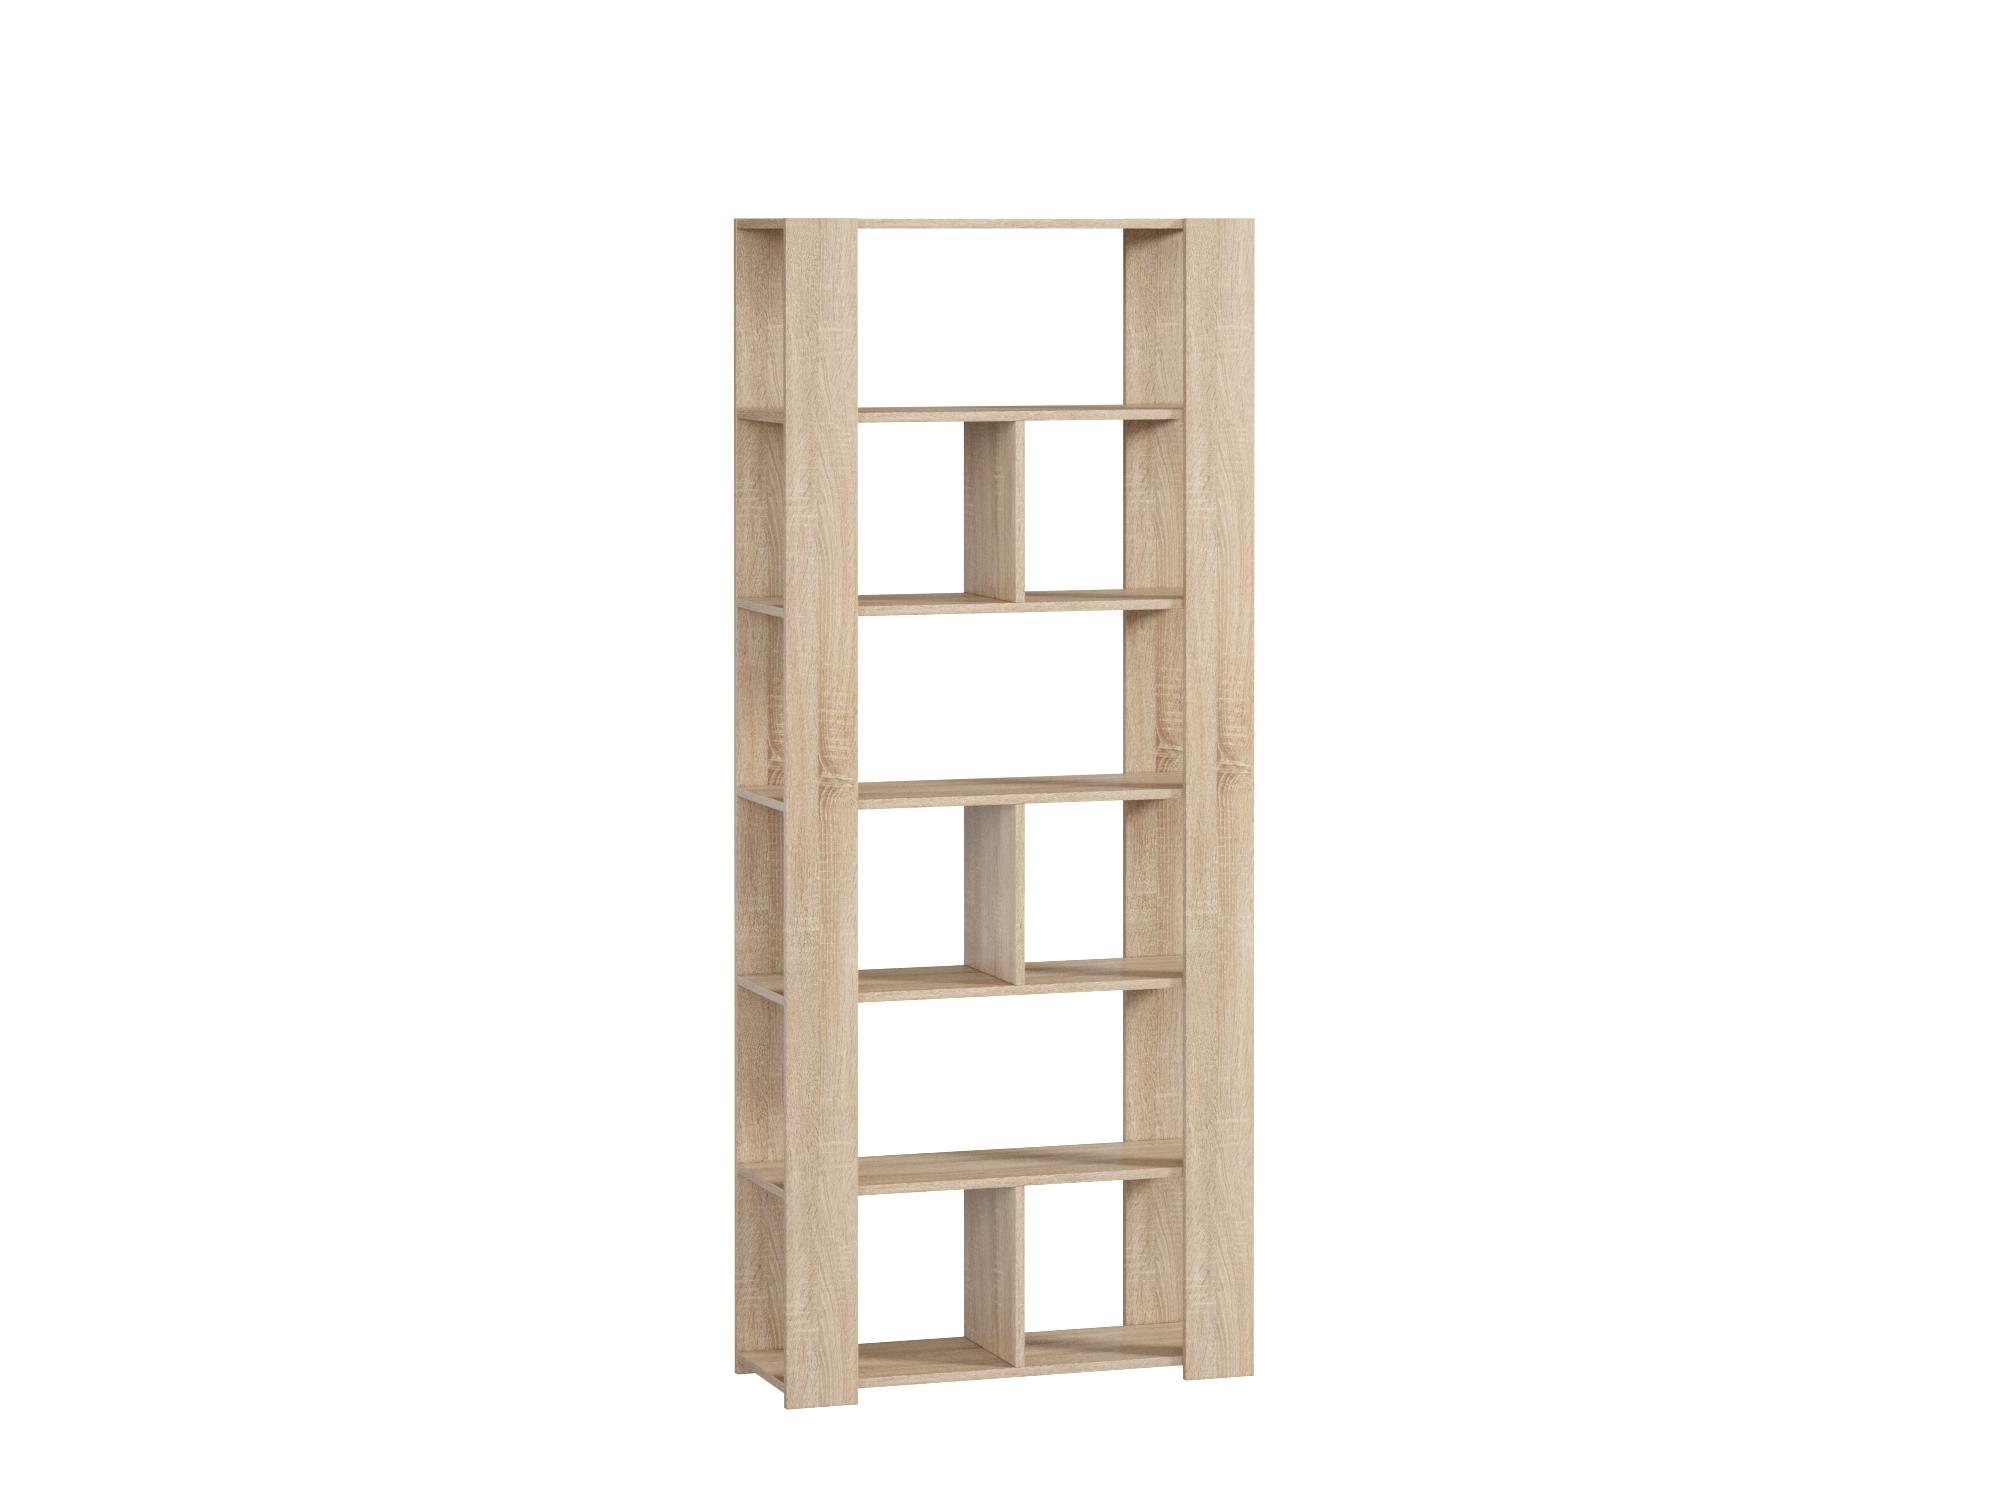 картинка Сплит-800 стеллаж от магазина Woodcraft